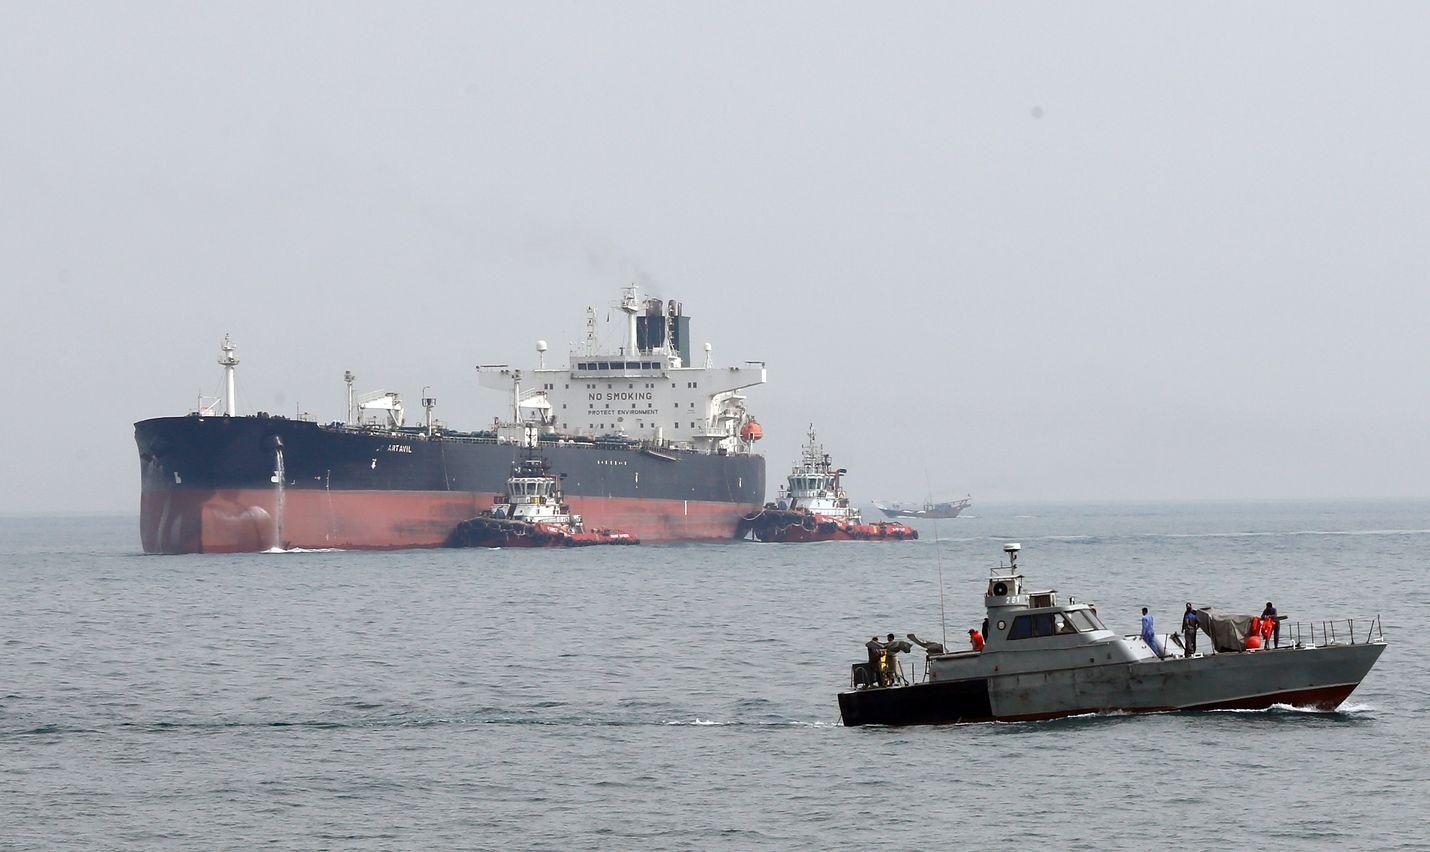 Iranin armeijan vene vahtii öljytankkeria Persianlahdella. Öljyn hinta on noussut Persianlahden kiristyneen tilanteen johdosta.